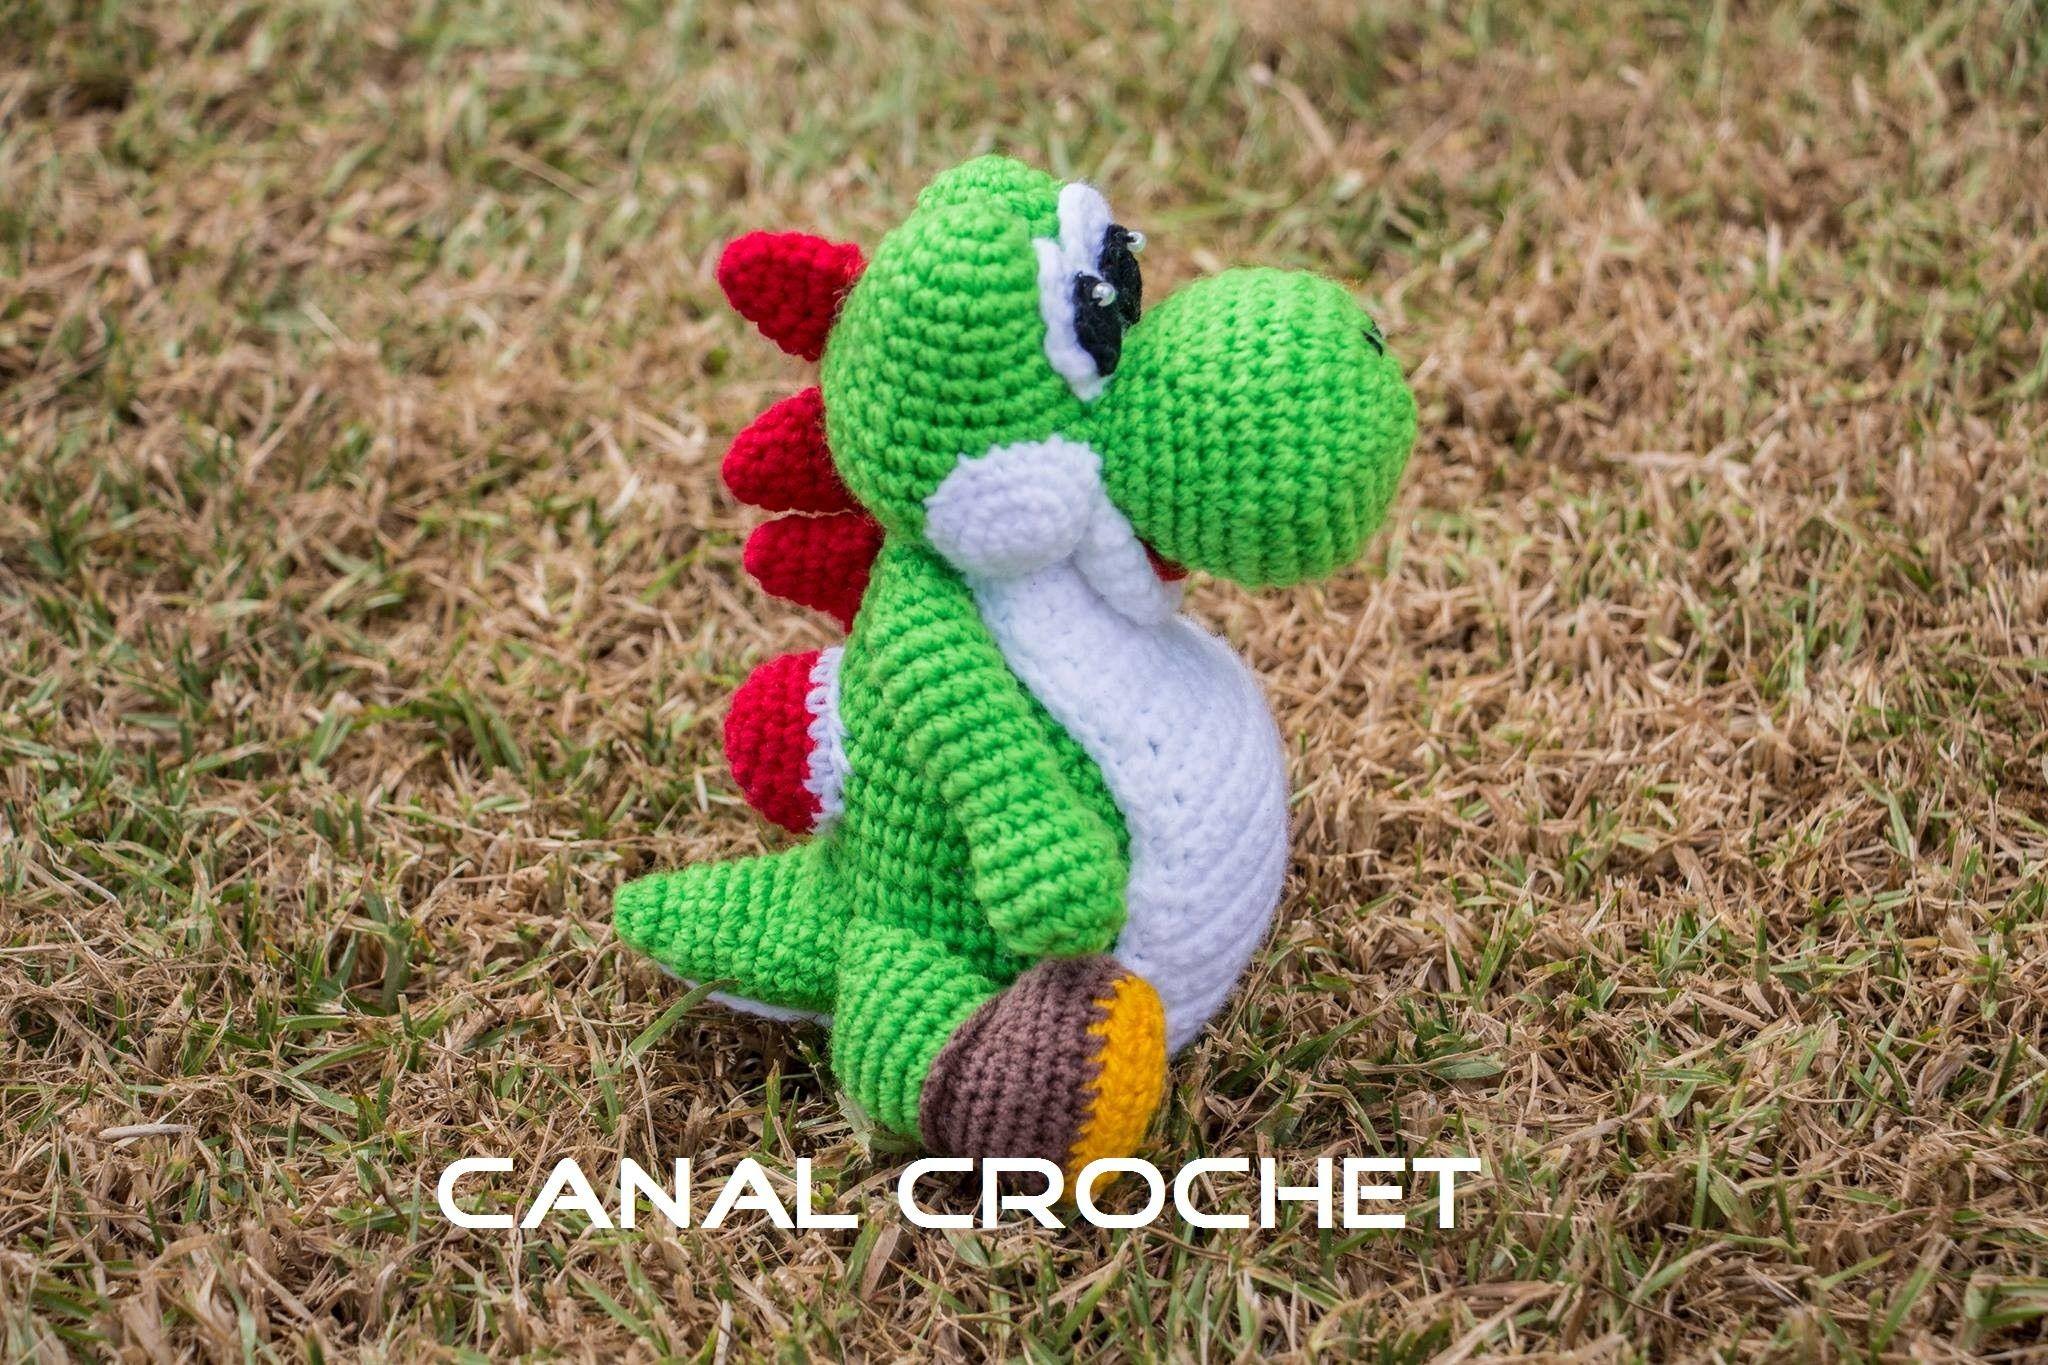 Tutorial Amigurumi Cerdito : Yoshi amigurumi tutorial on canal crochet in spanish kotes